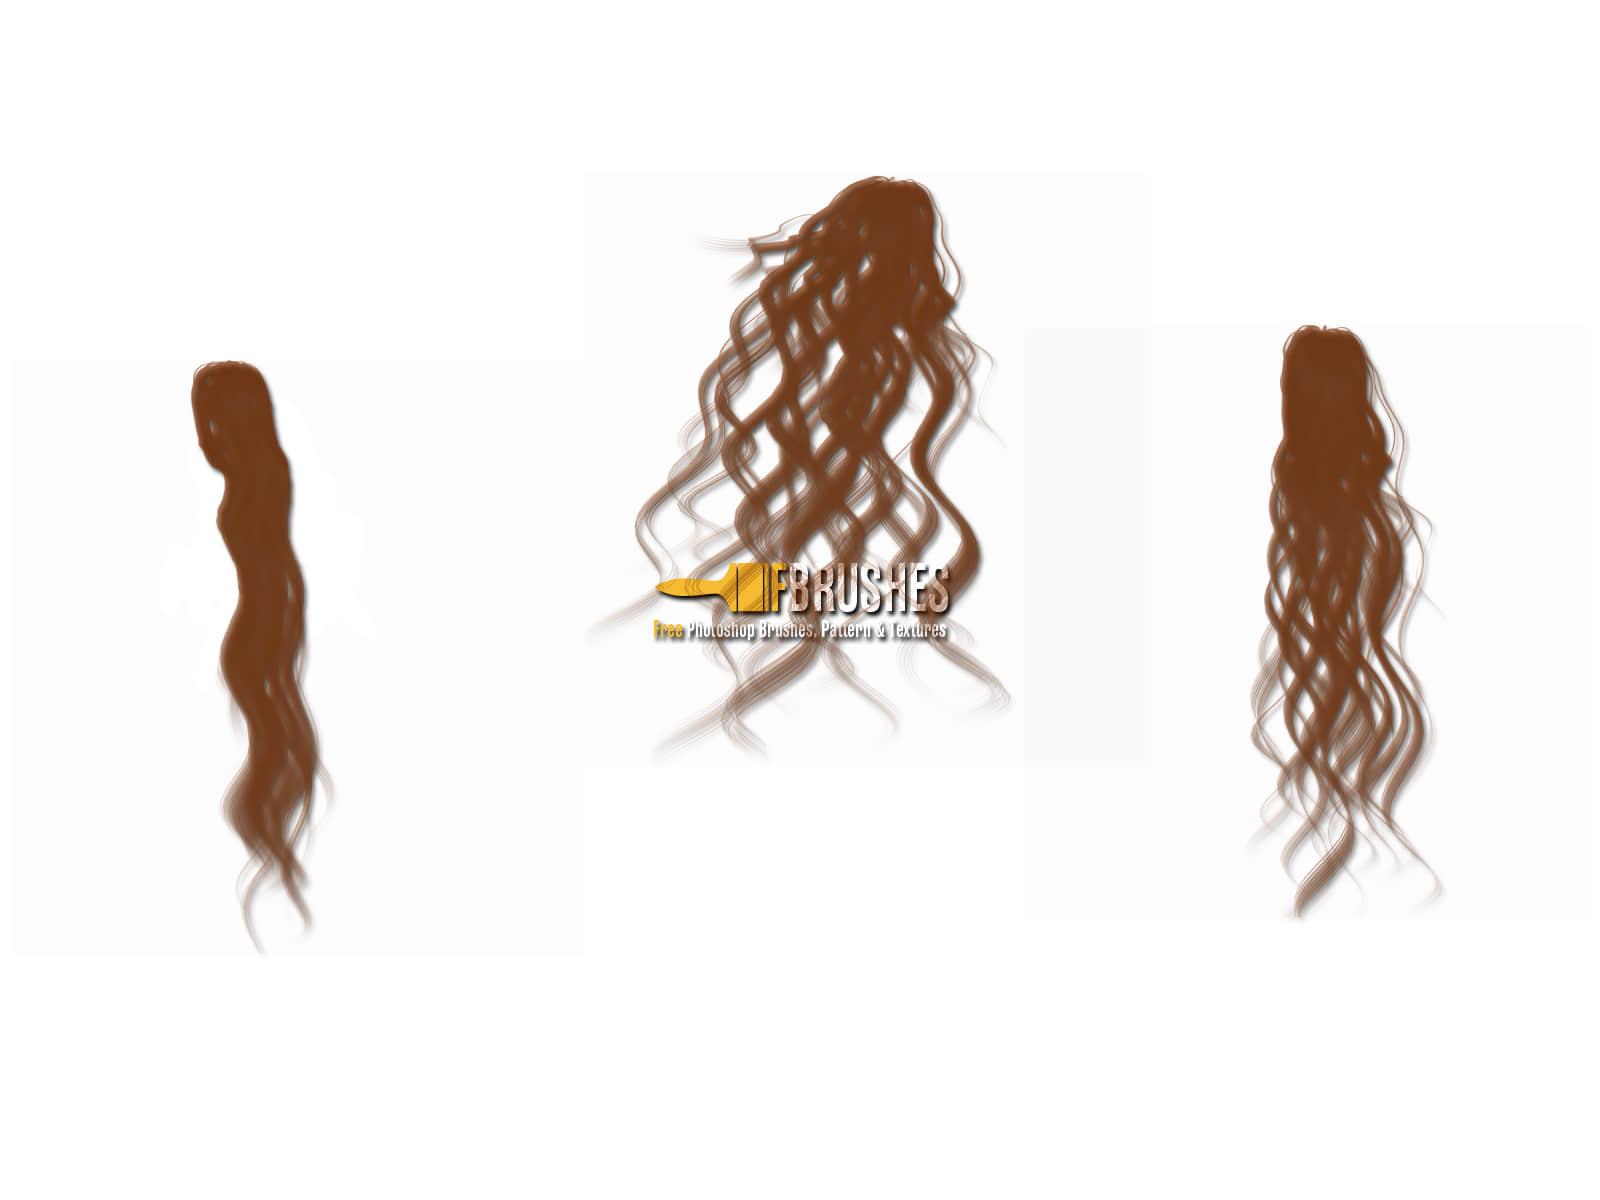 女式长发发型、飘发PS笔刷下载 长发笔刷 女式发型笔刷 发型笔刷  %e6%af%9b%e5%8f%91%e7%ac%94%e5%88%b7